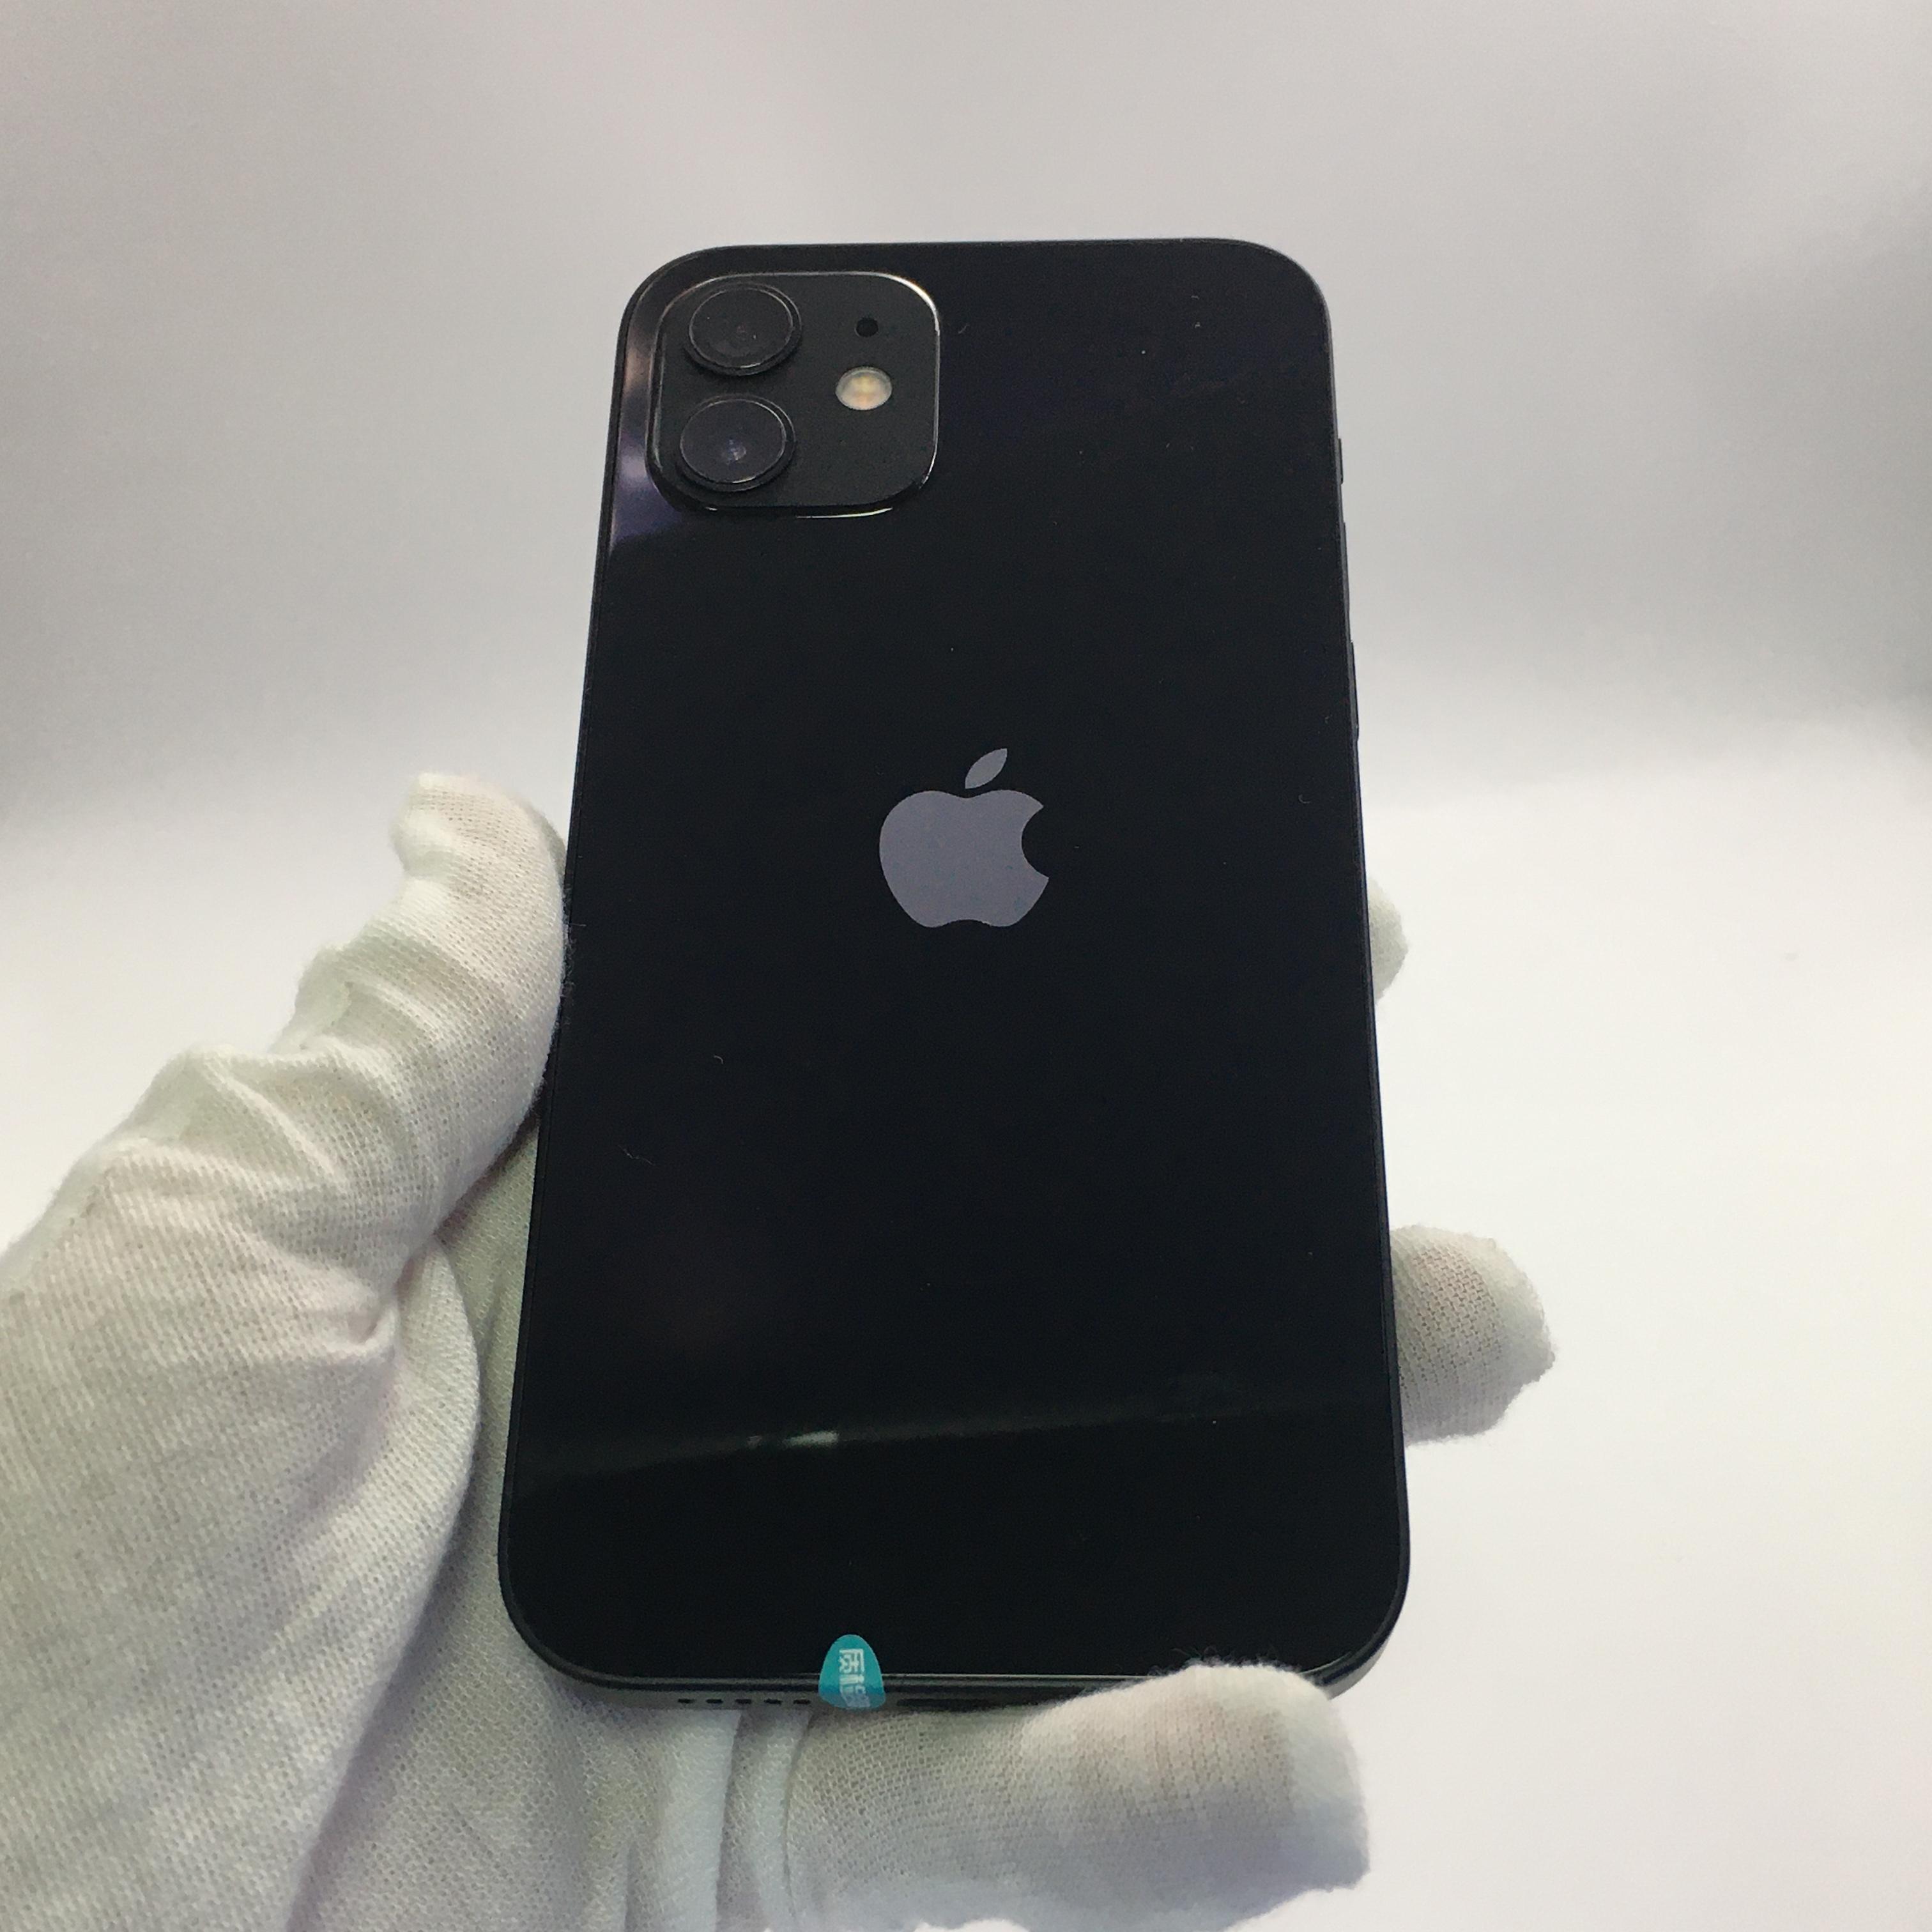 苹果【iPhone 12】5G全网通 黑色 128G 国行 99新 128G真机实拍